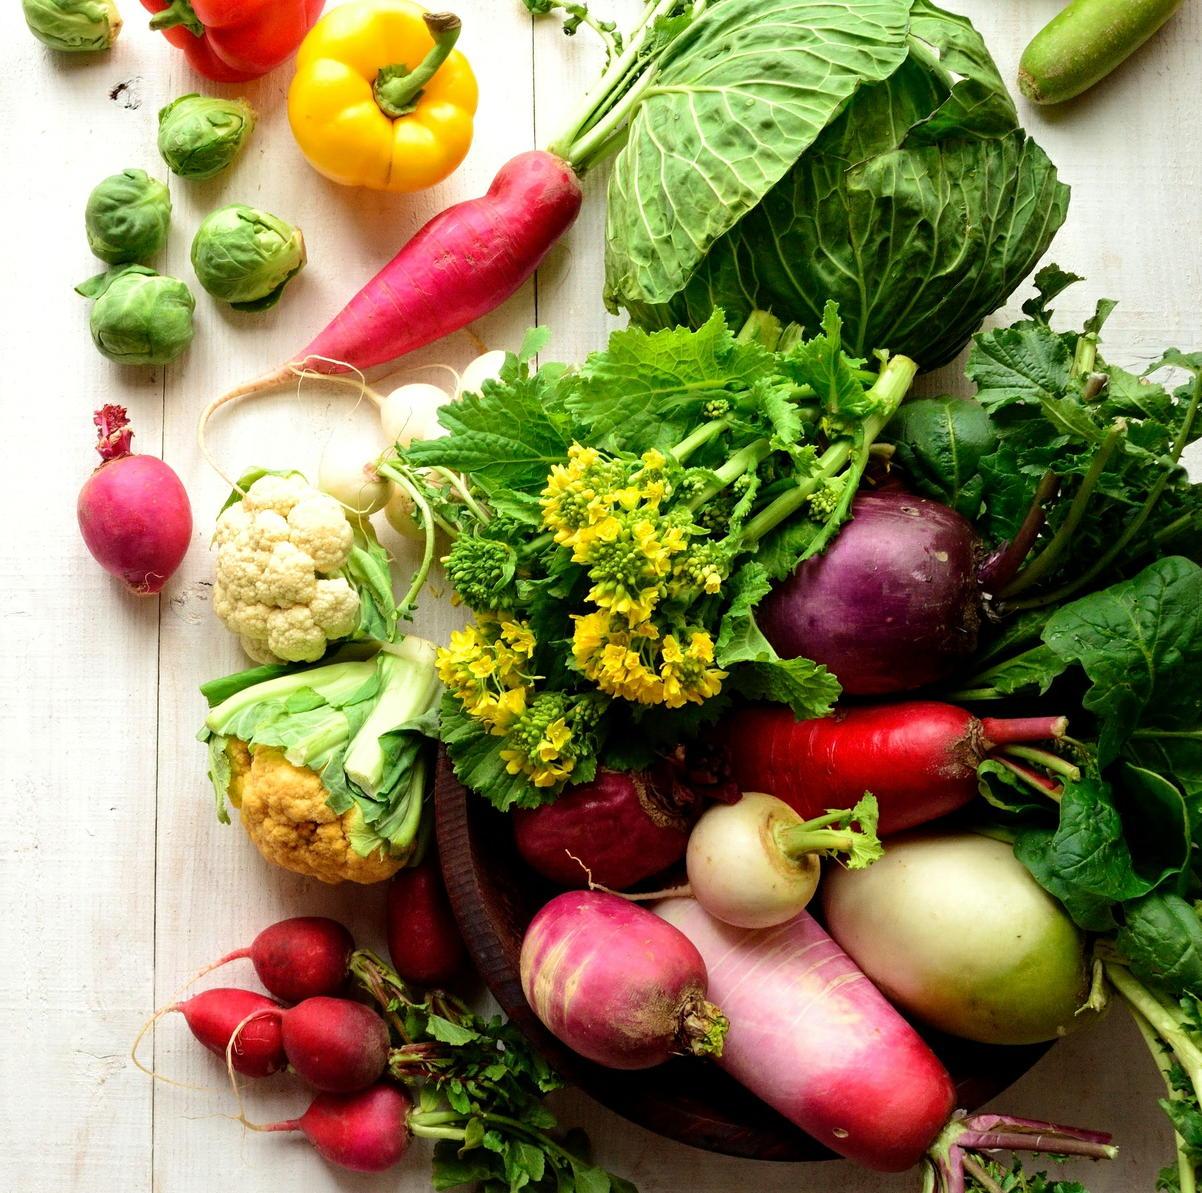 「野菜の日」調査 野菜1日350g食べているのはたった5%